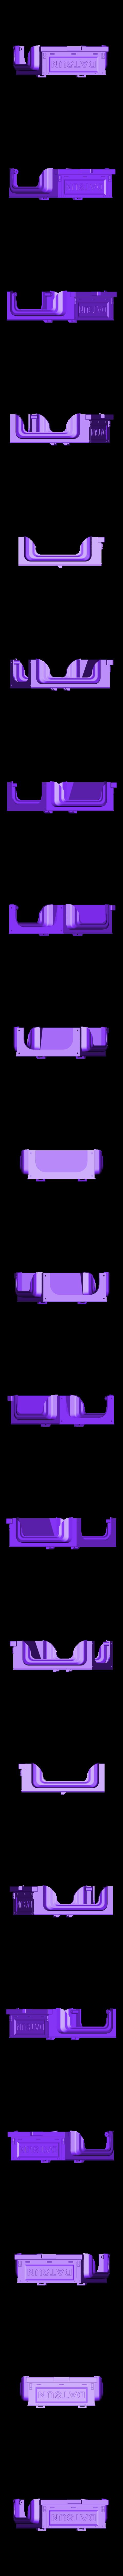 ShortWB03.STL Télécharger fichier STL gratuit Corps de ramassage à échelle RC. • Modèle à imprimer en 3D, tahustvedt